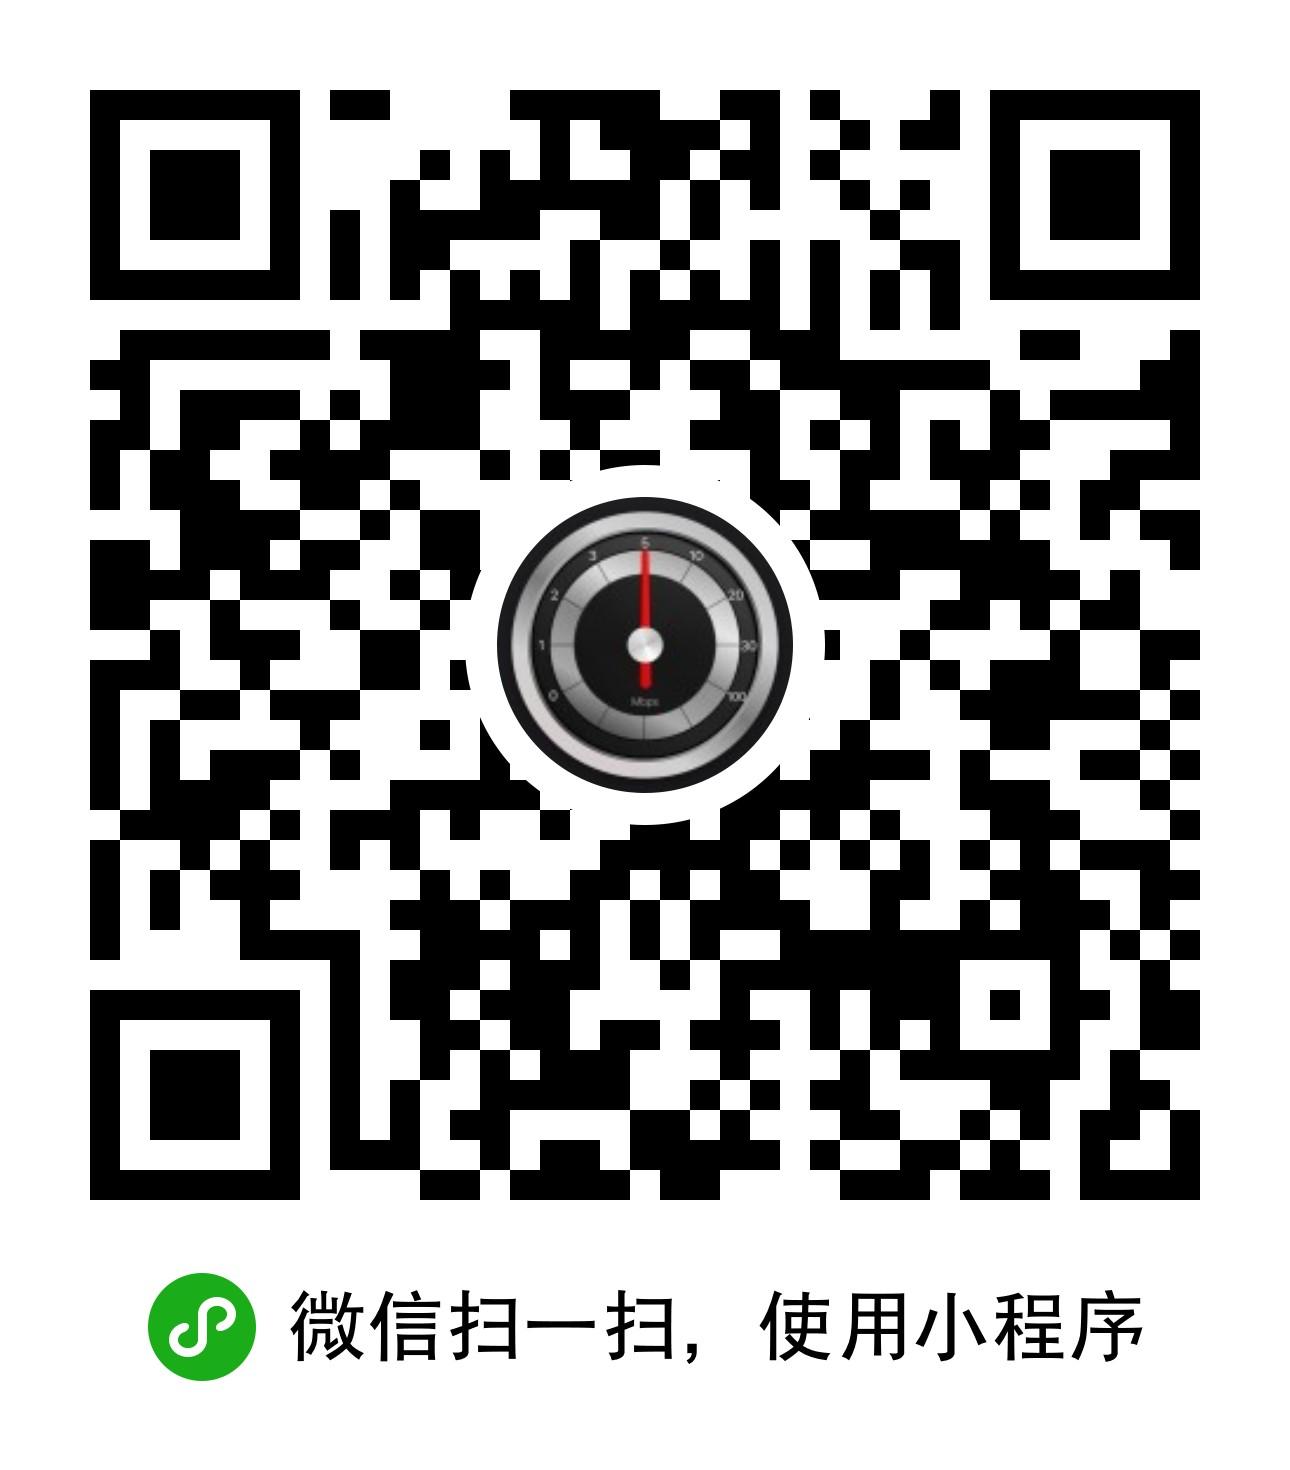 小易测速-微信小程序二维码